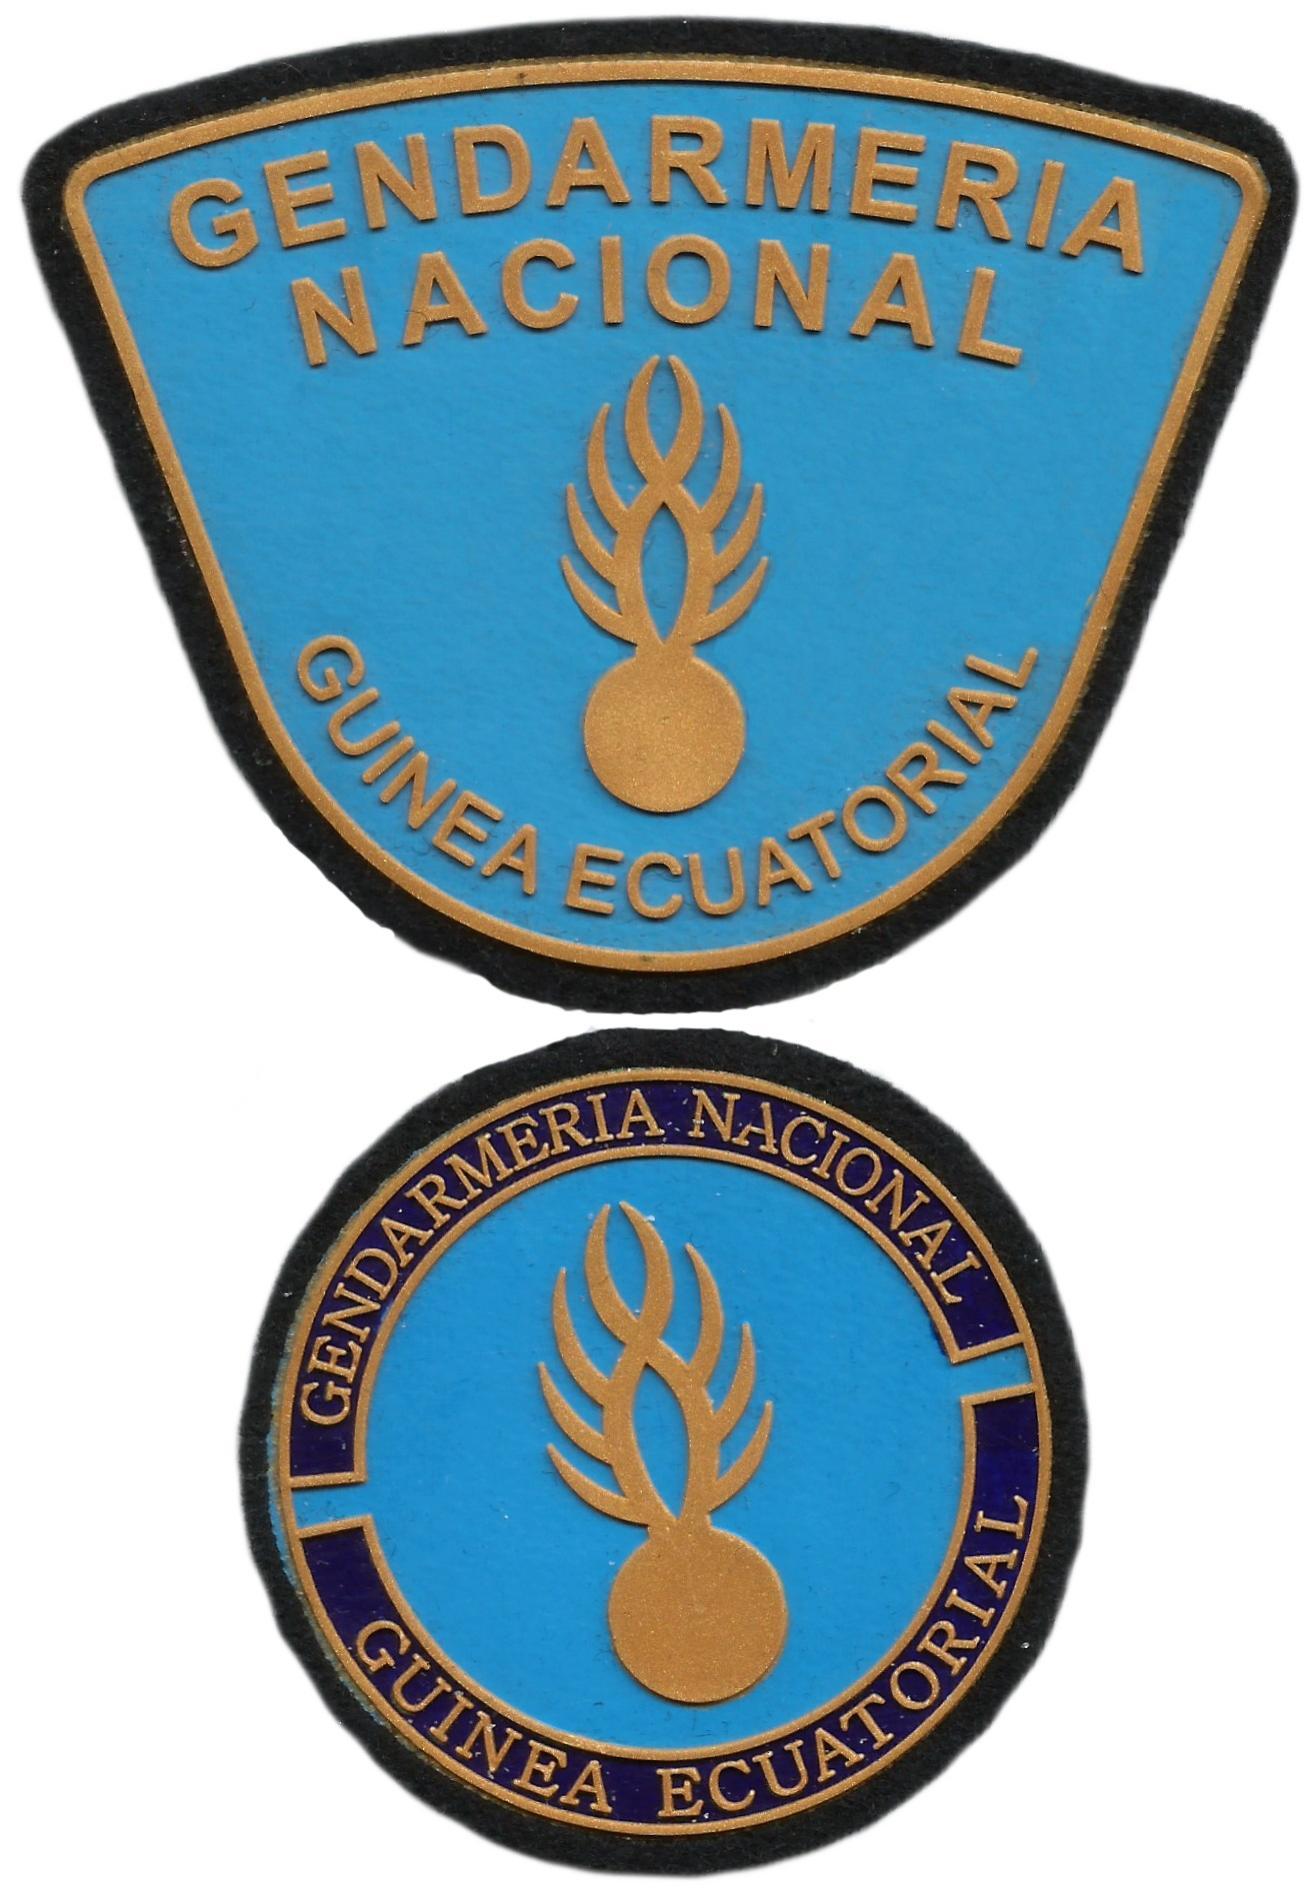 Policía Gendarmería Nacional de Guinea Ecuatorial parche insignia emblema distintivo